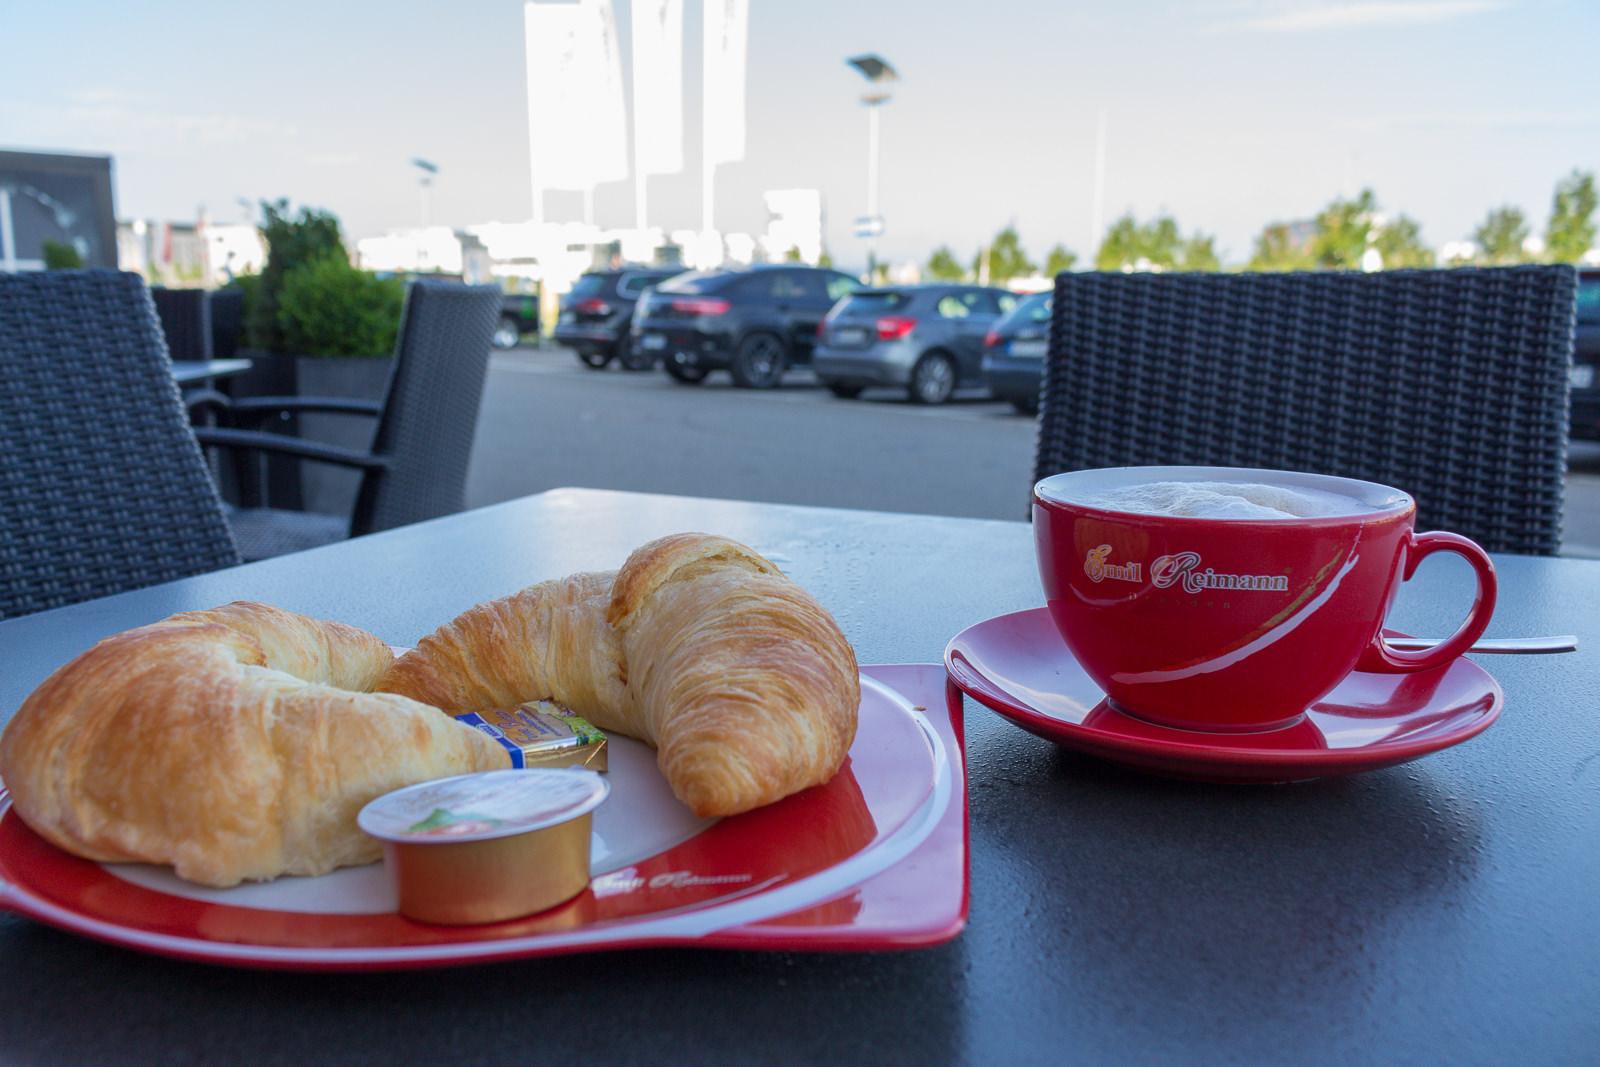 V8 Hotel, Stuttgart, Themenzimmer, Themenhotel, Automobilliebhaber, Autofreaks, Motorworld